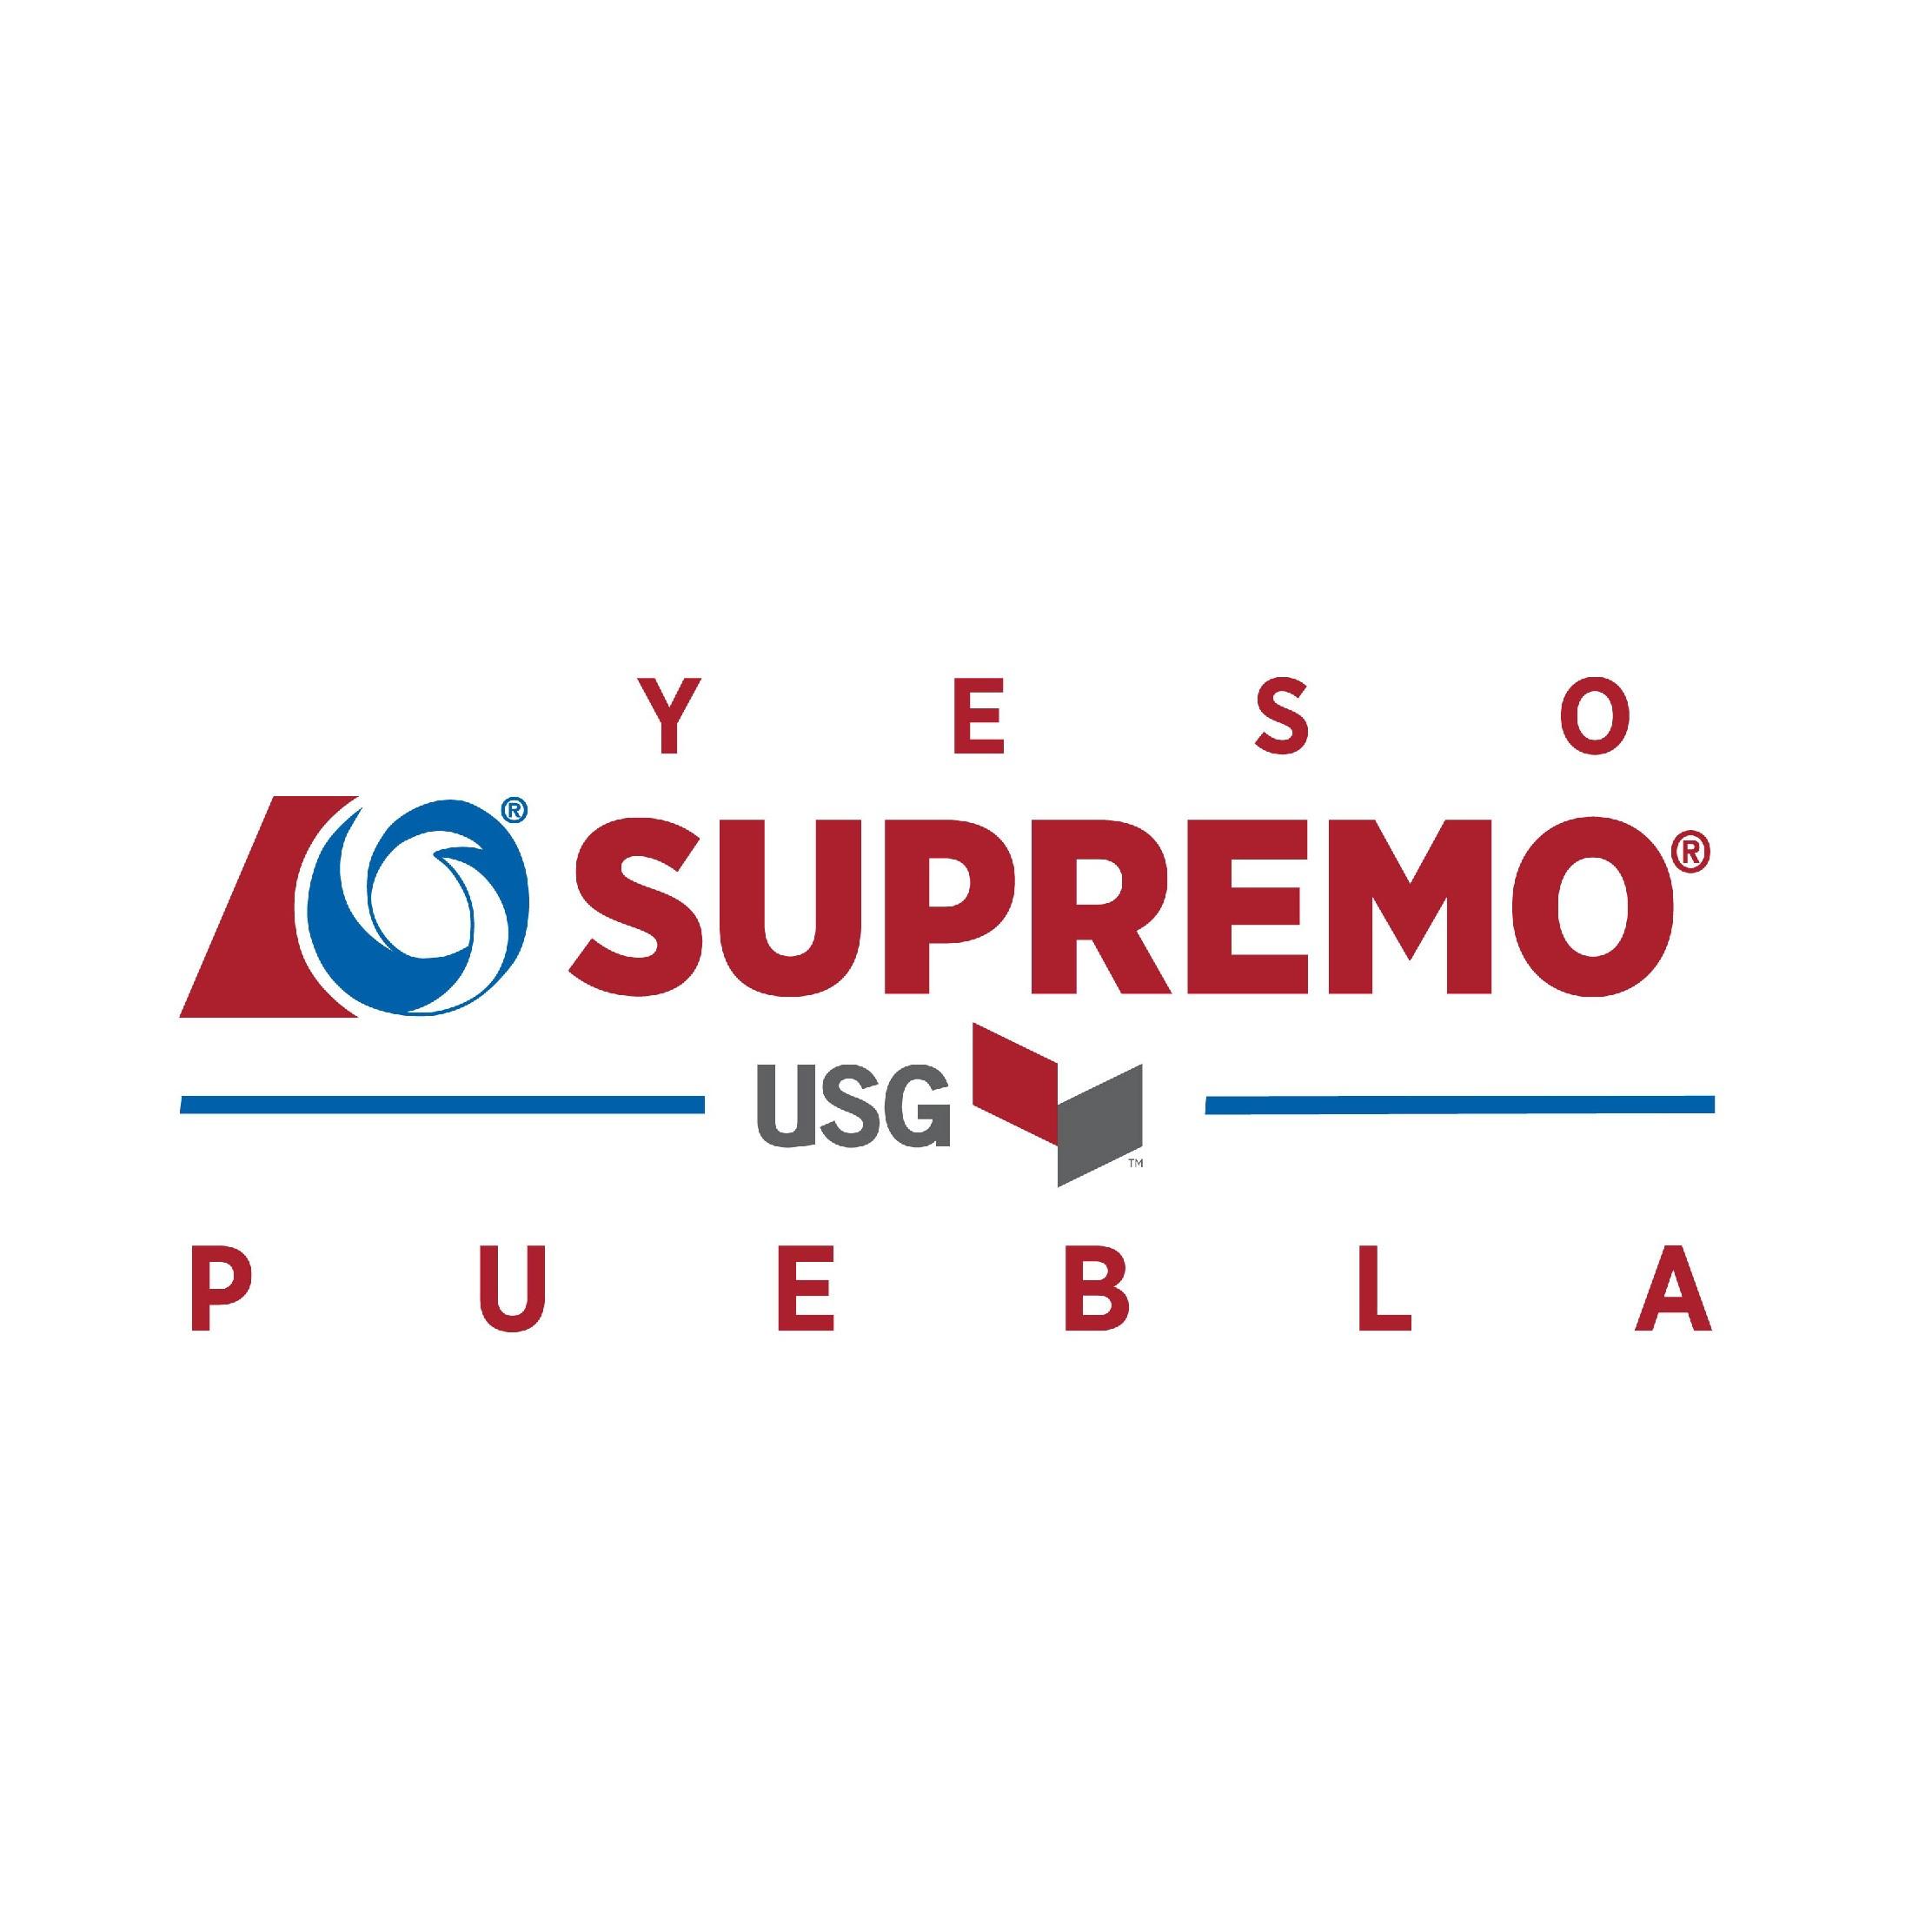 USG Yeso Supremo